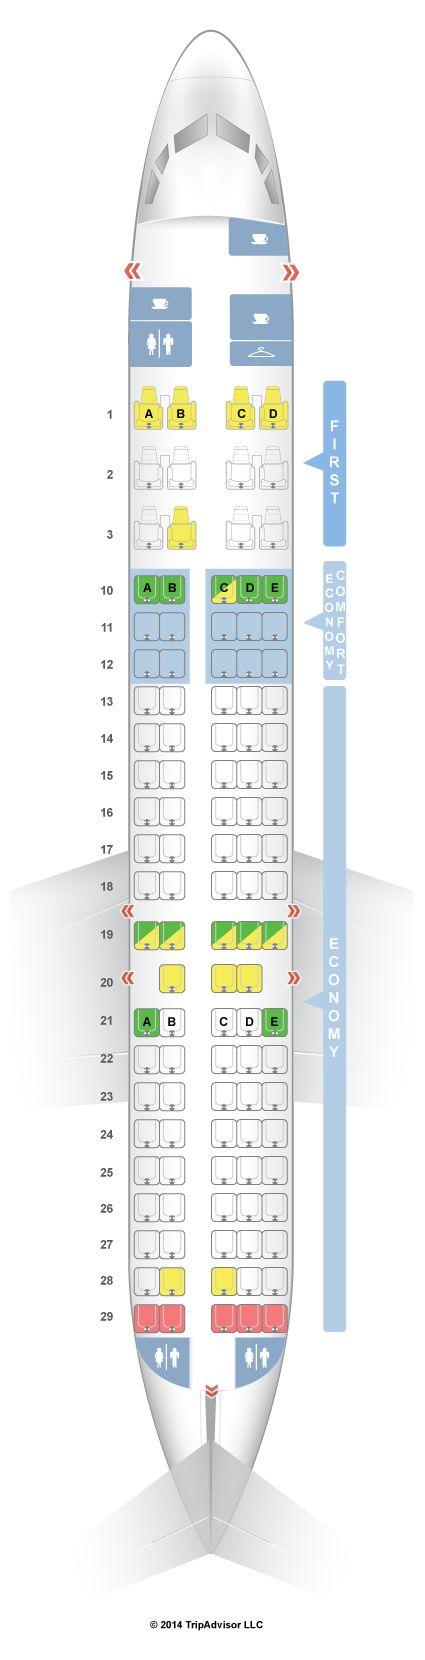 Seatguru Seat Map Delta Boeing 717 200 717 Seatguru